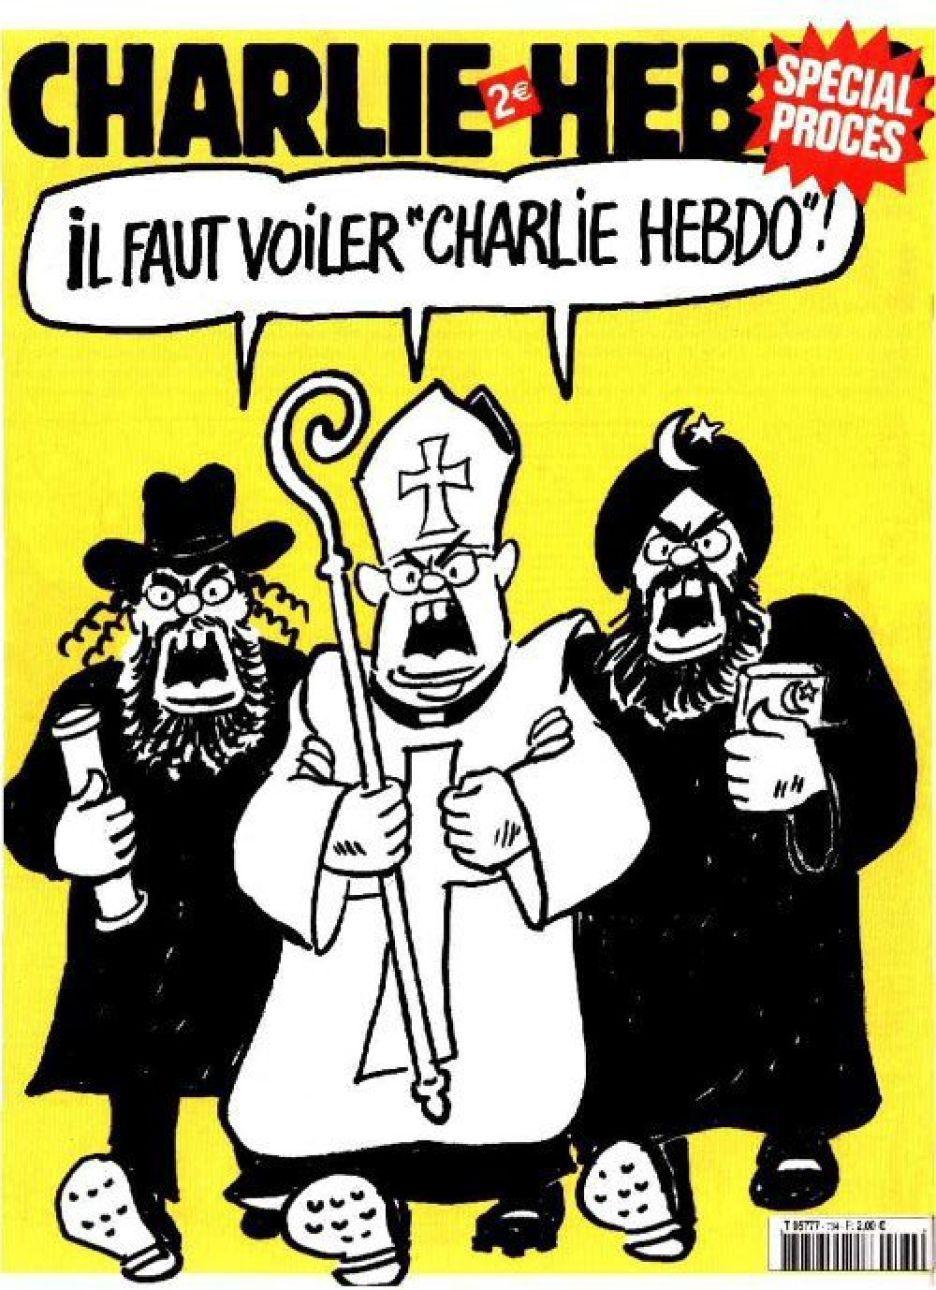 http://www.haaretz.co.il/st/inter/Heng/news/images/covers/2.jpg